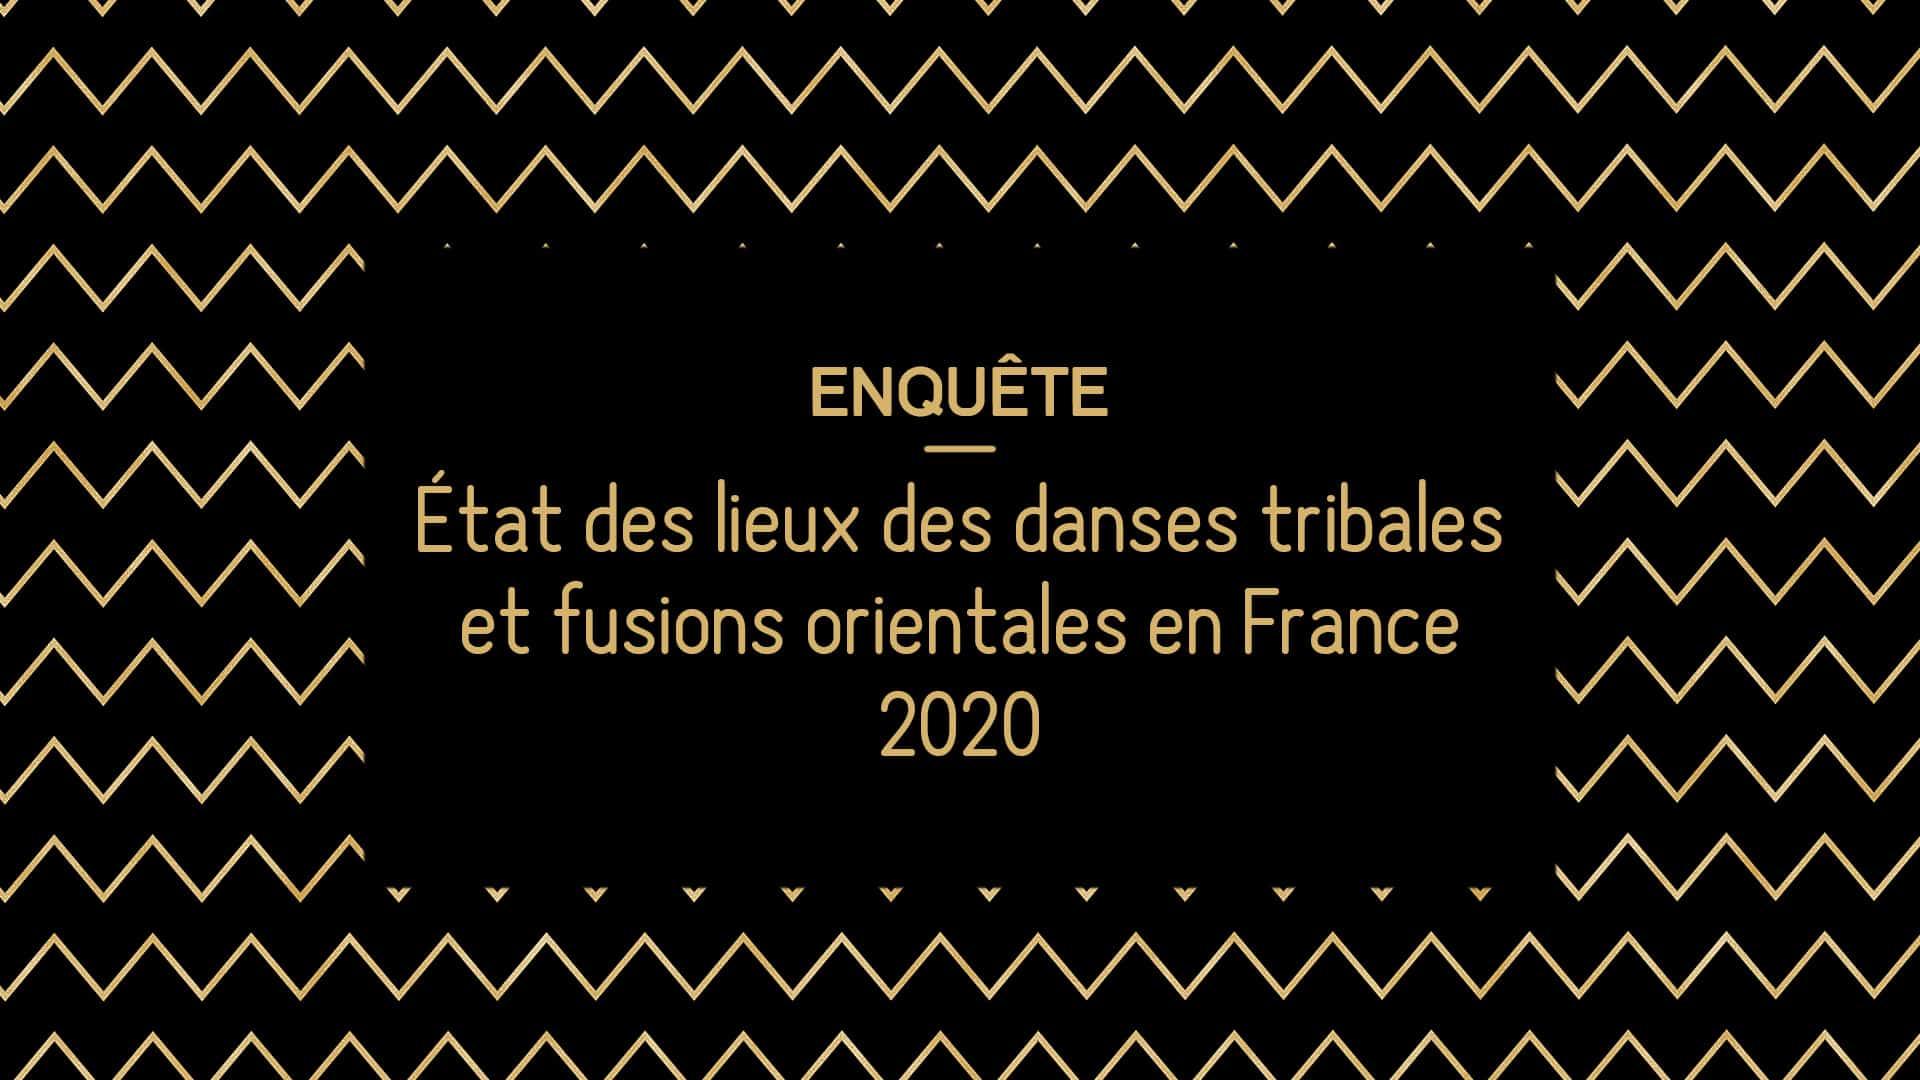 Enquête – État des lieux des danses tribales et fusions orientales en France